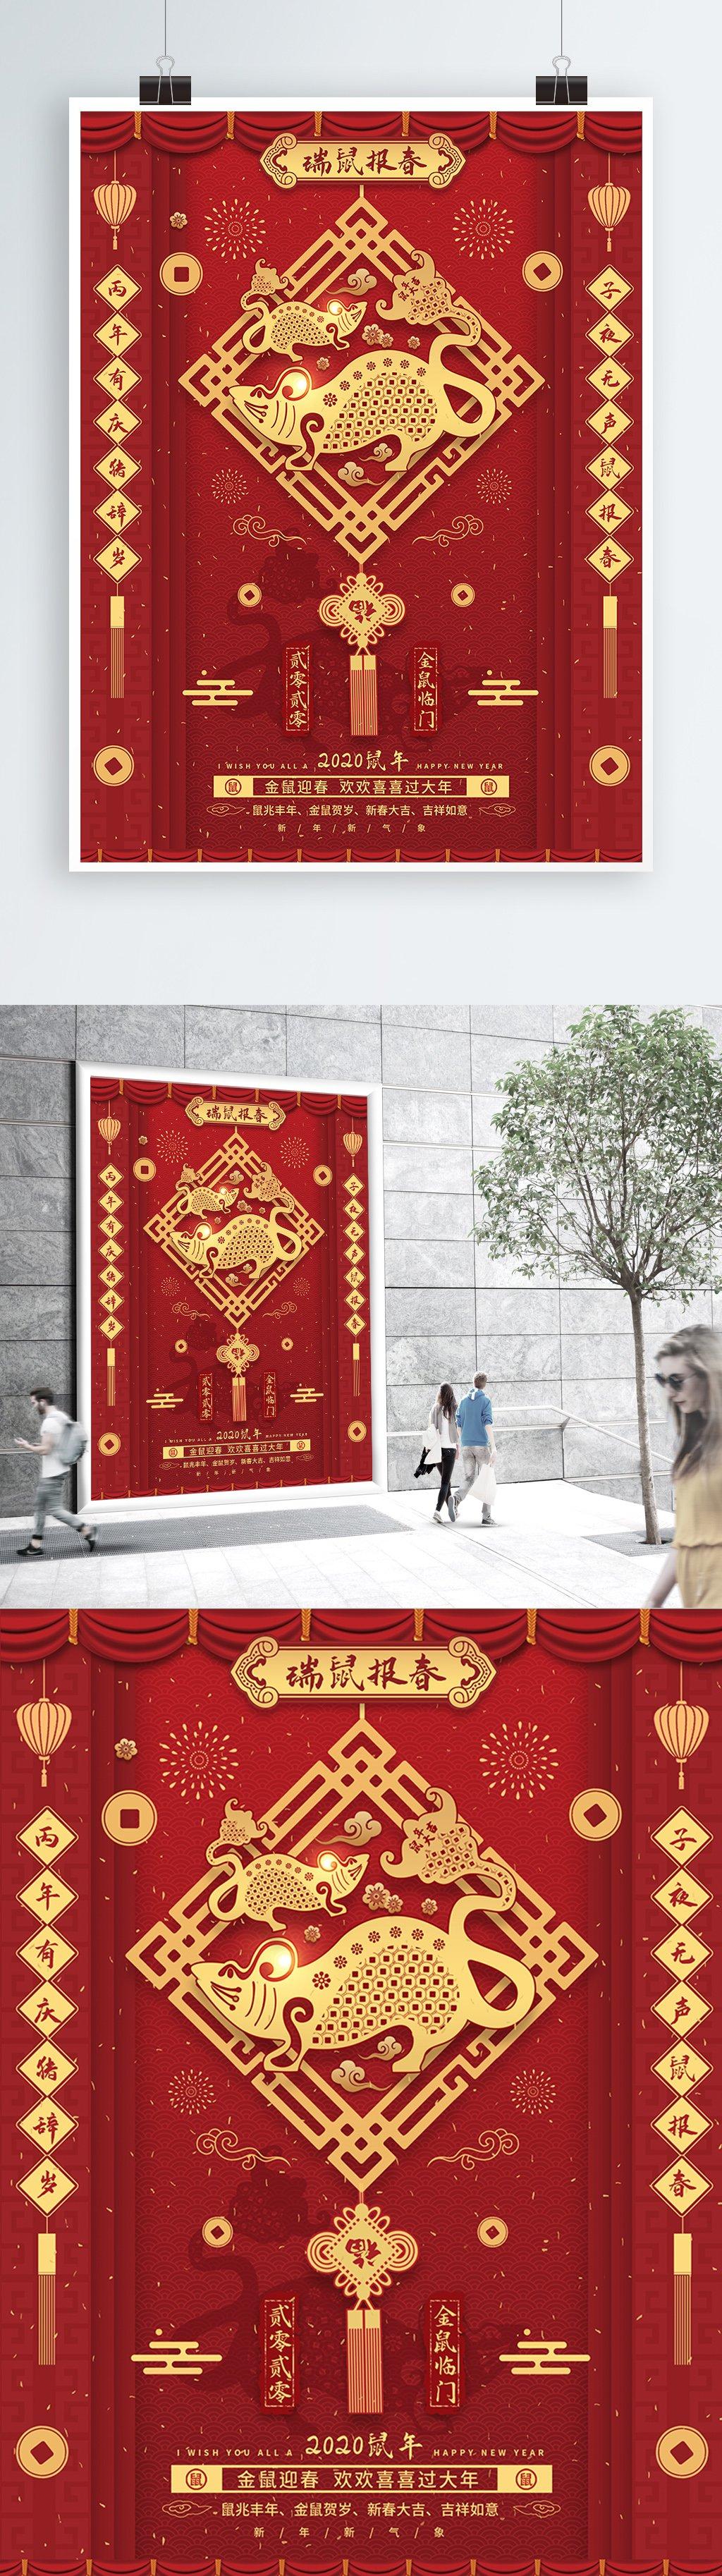 2020金色大气鼠年新年宣传海春节新春新年过年